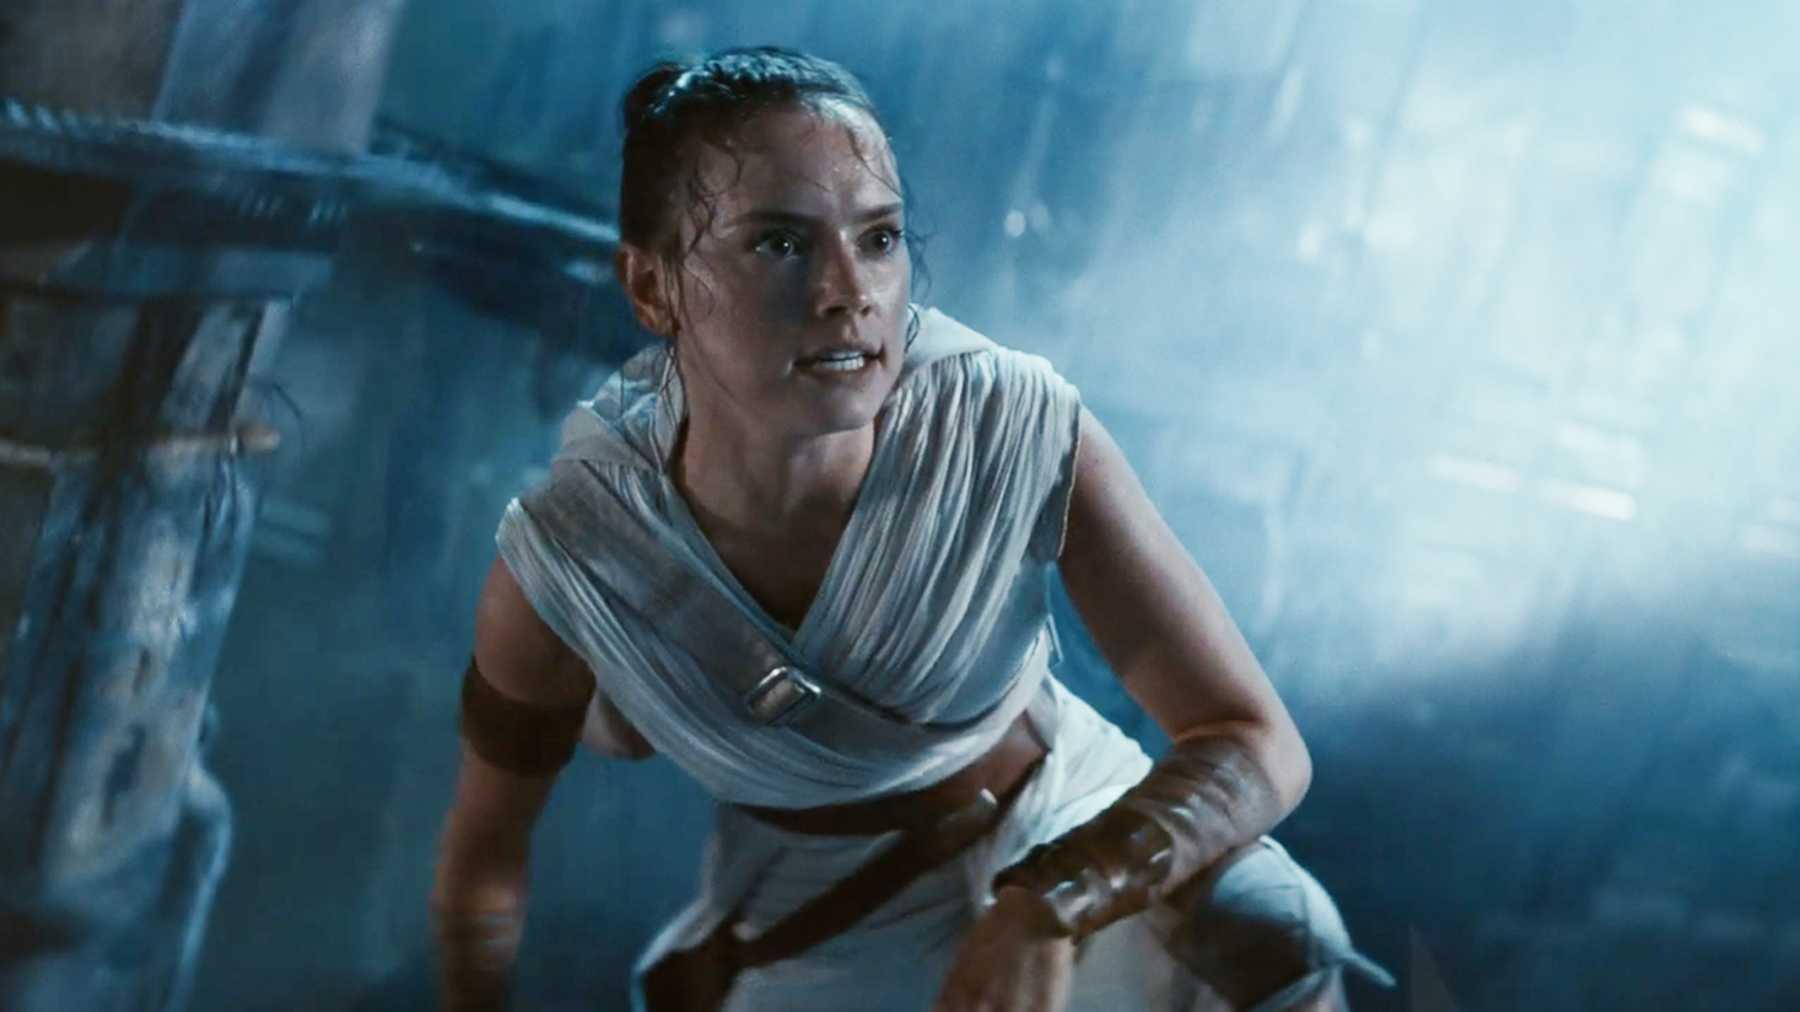 Star Wars «Woman»: Disney planea serie centrada en personajes femeninos